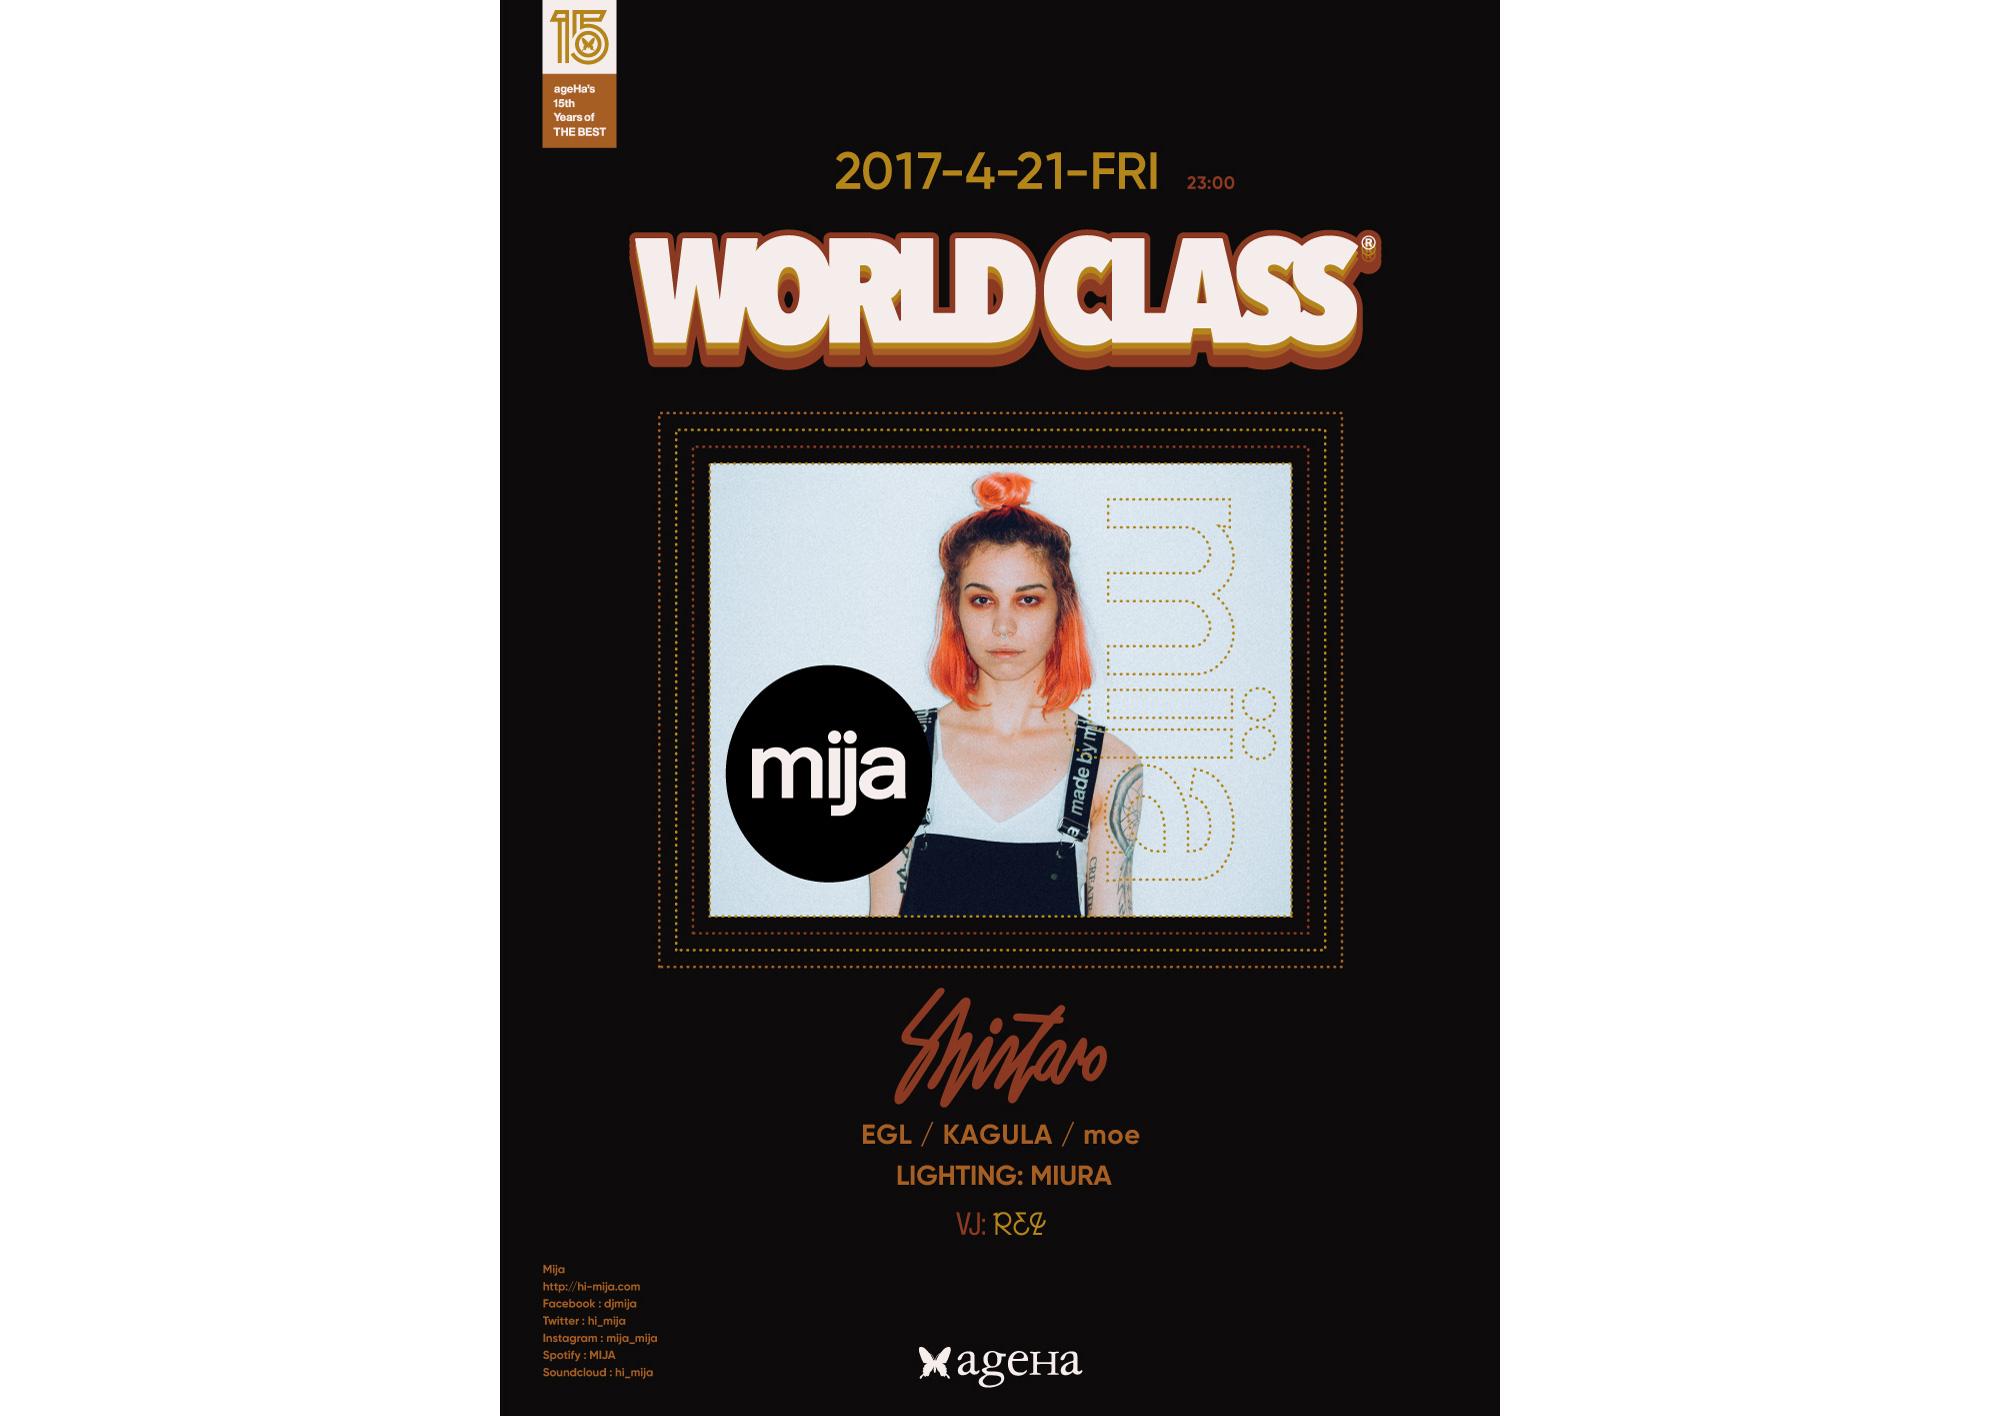 日本のTRAPシーンを沸かせるパーティ「WORLD CLASS」にファッションアイコンMIJAの出演が決定!